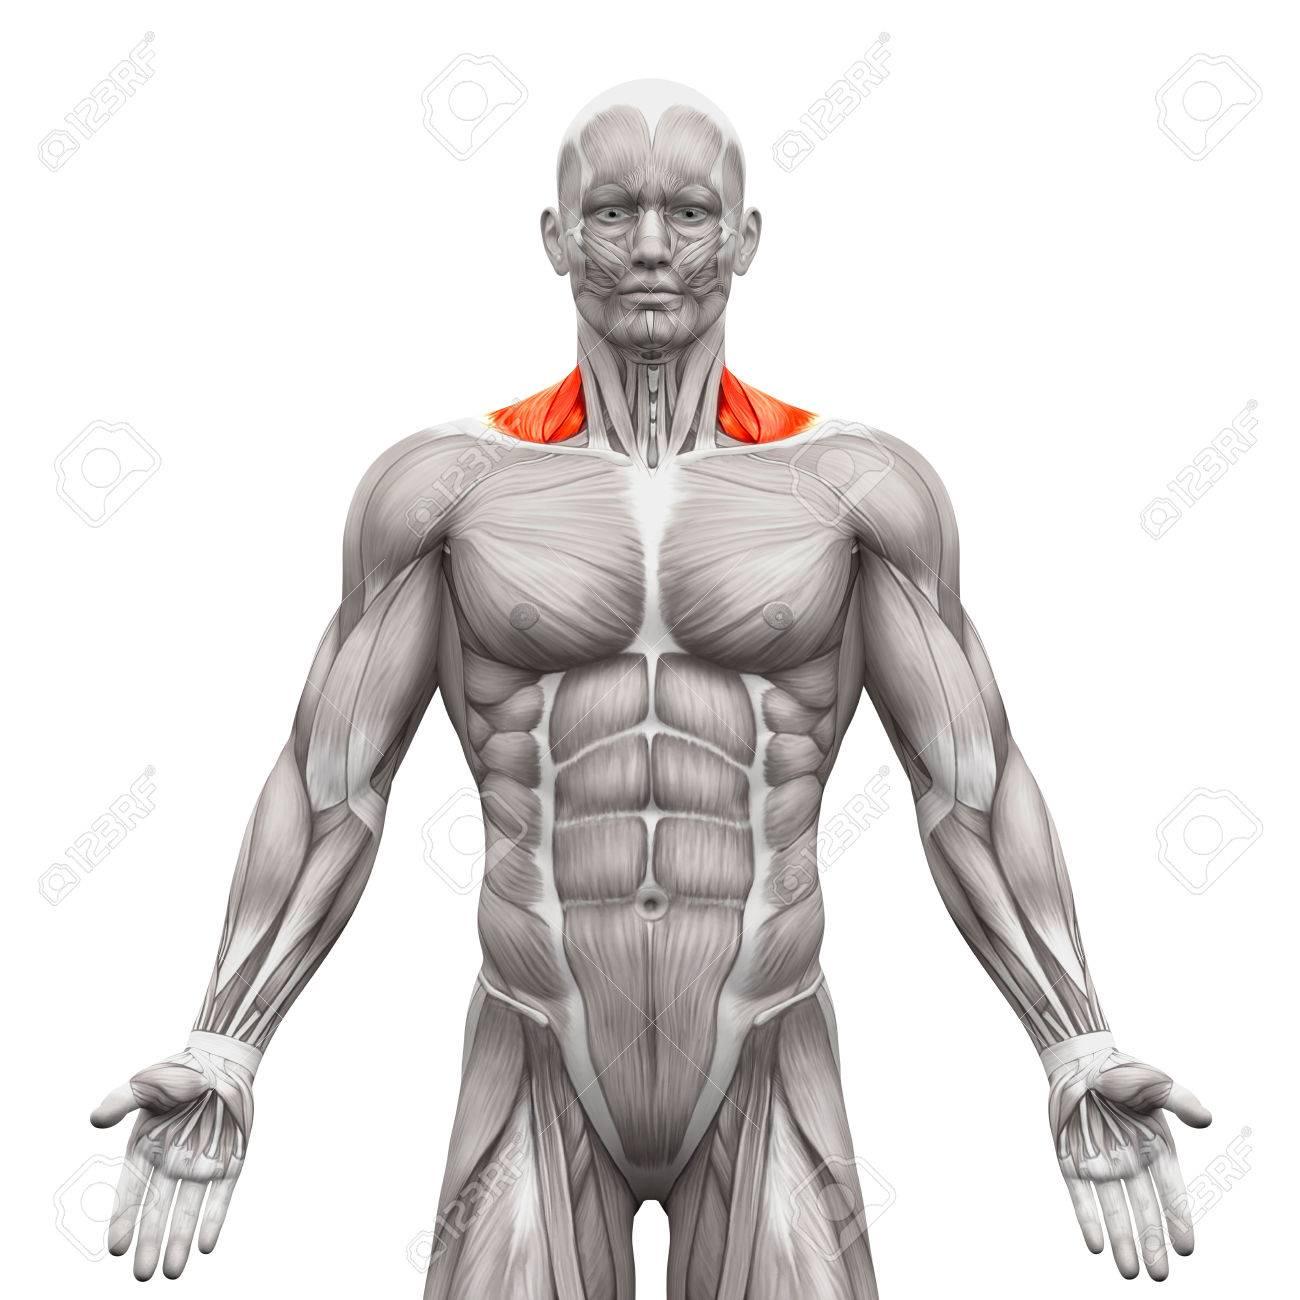 Los Músculos Trapecio Delantero Neck - Músculos Anatomía Aislados En ...